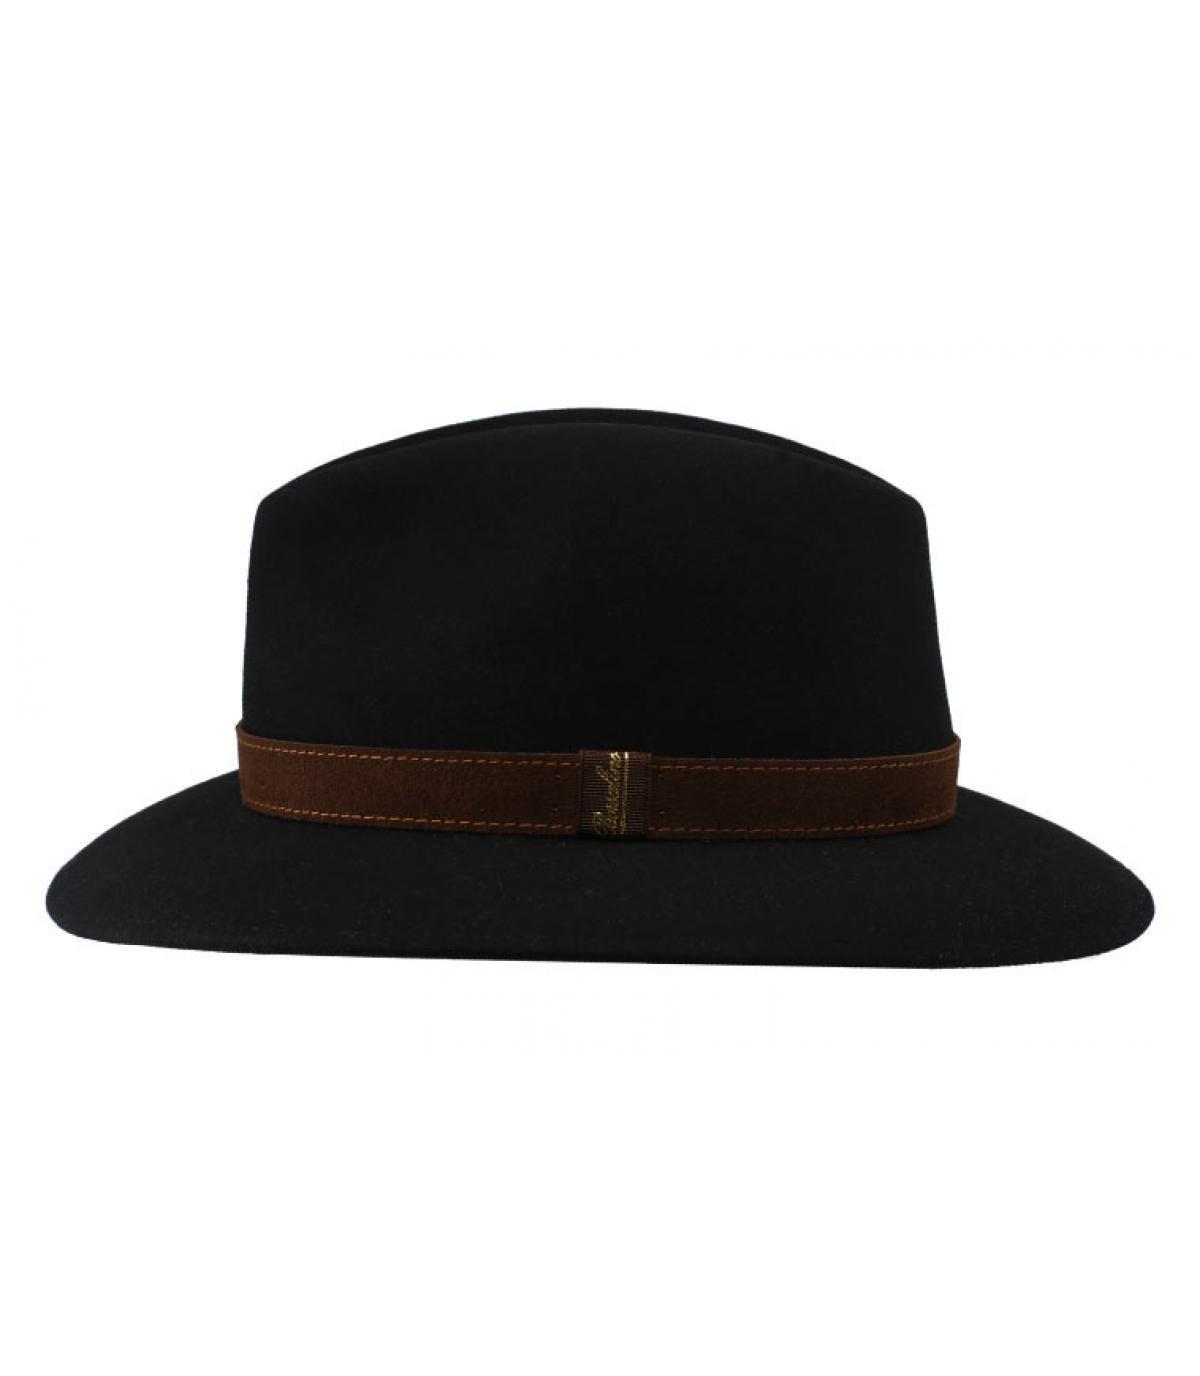 Détails Alessandria black Fur Flet Hat - image 2